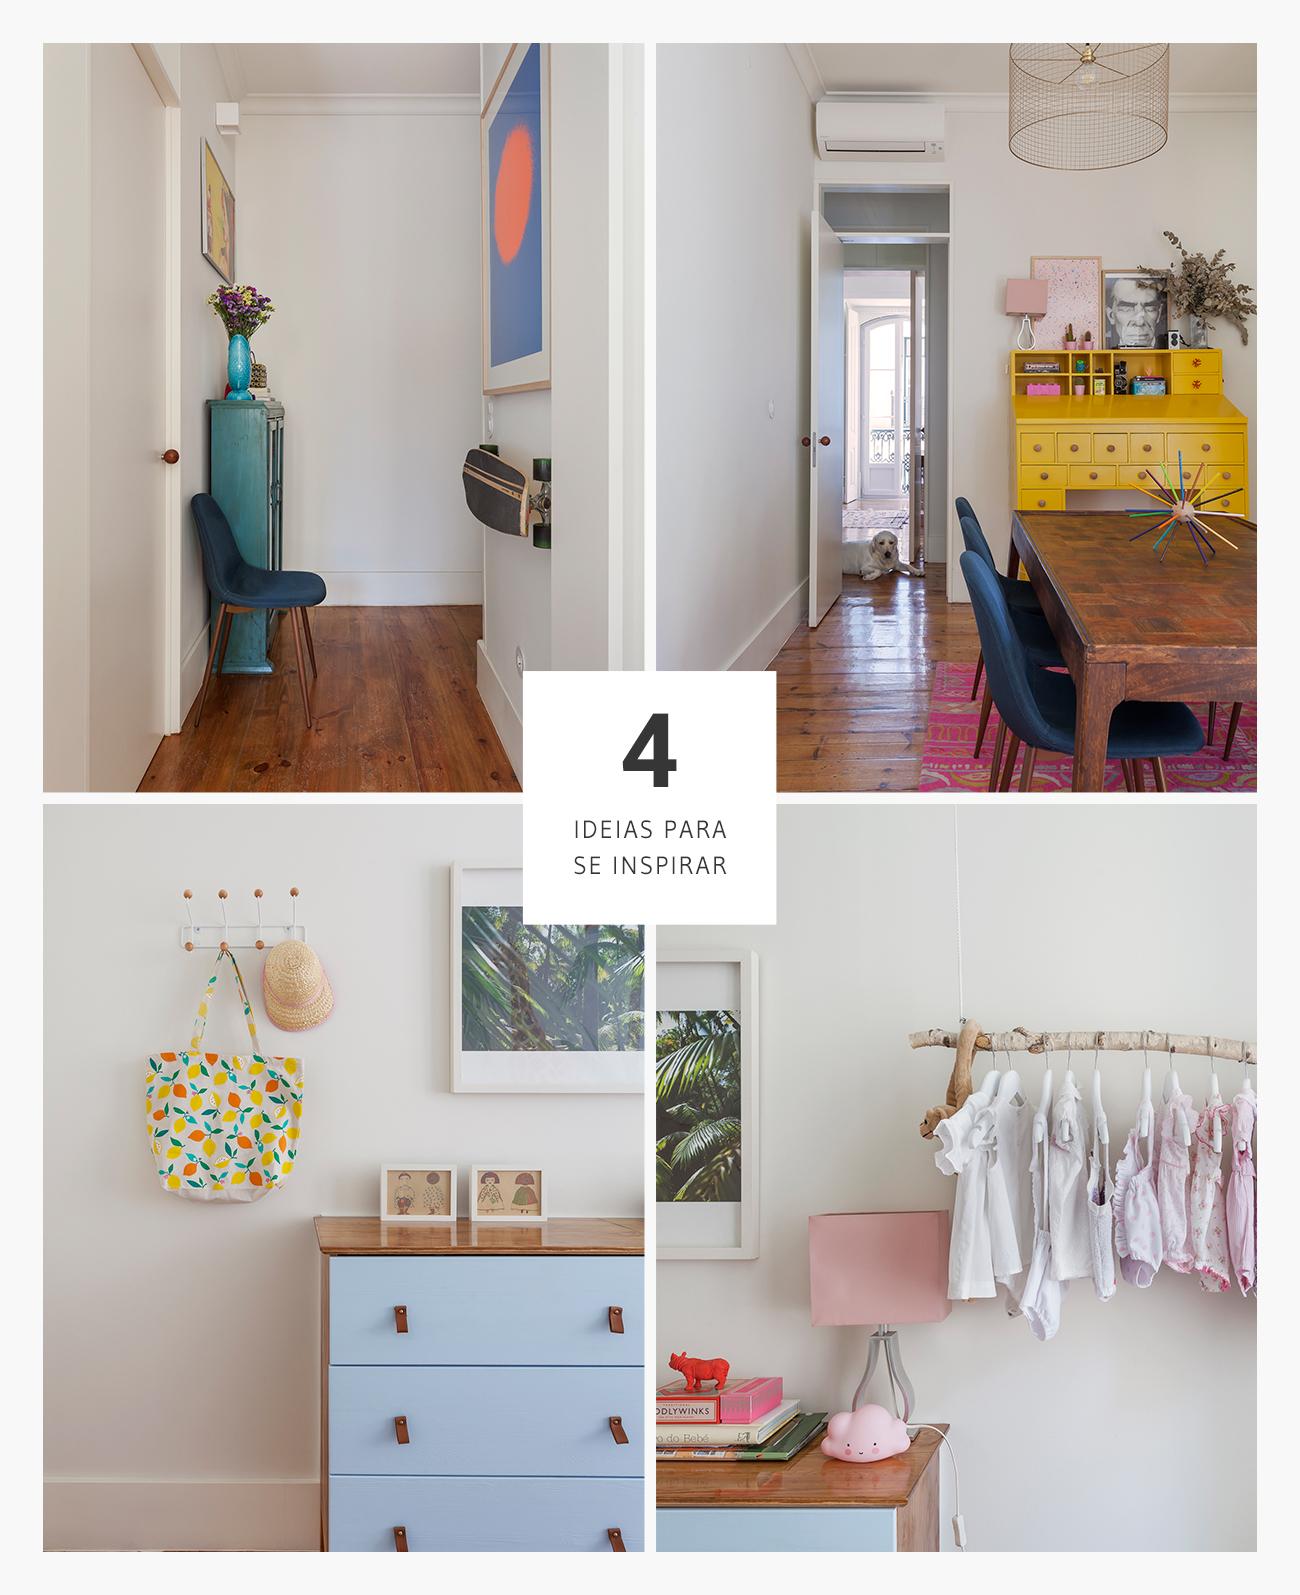 Boas ideias de decoração em apartamento